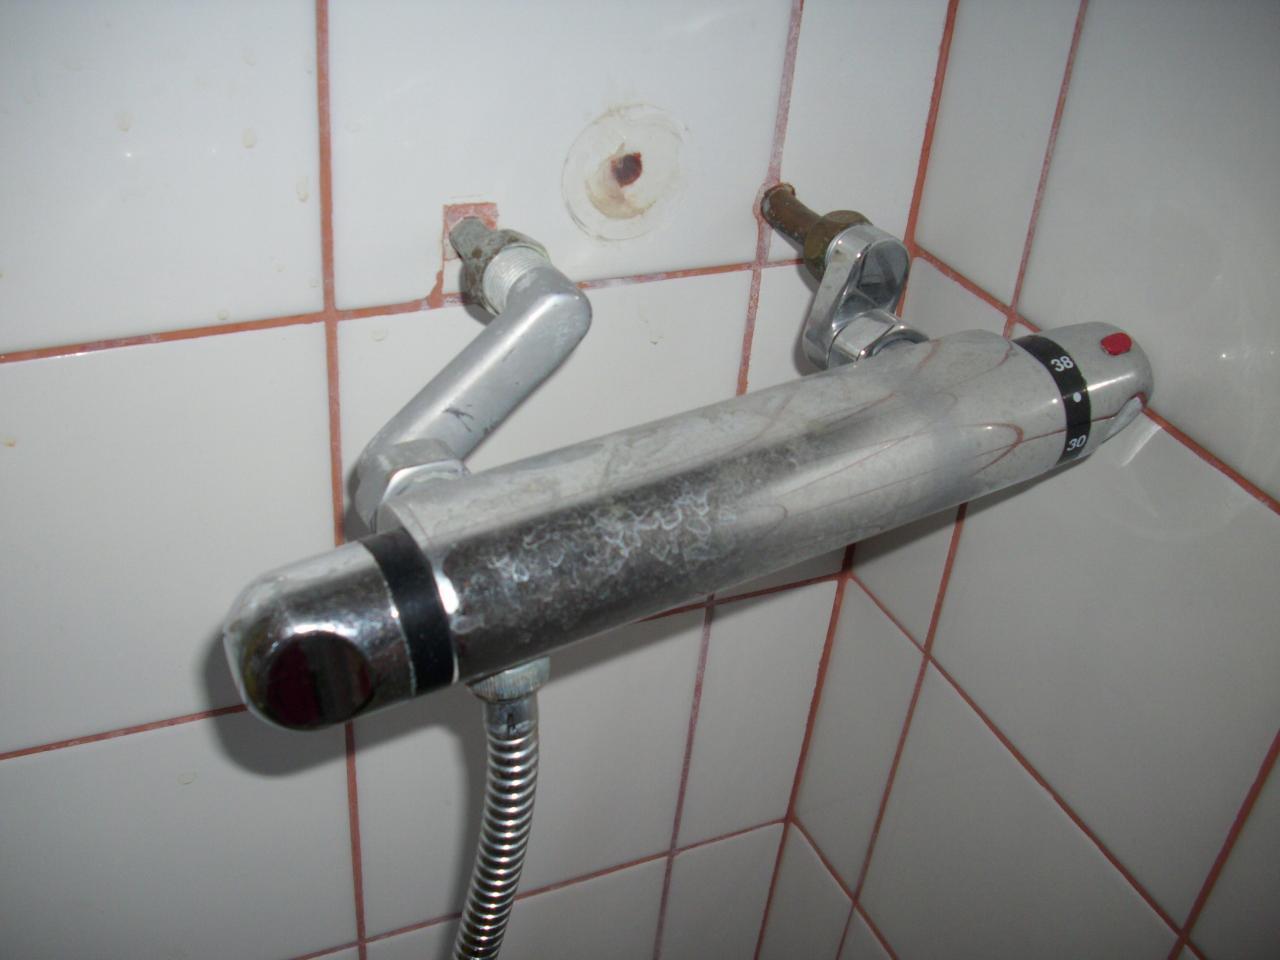 changer robinet de douche entraxe 110 par mitigeur avec entraxe 150 - Changer Le Robinet D Une Baignoire